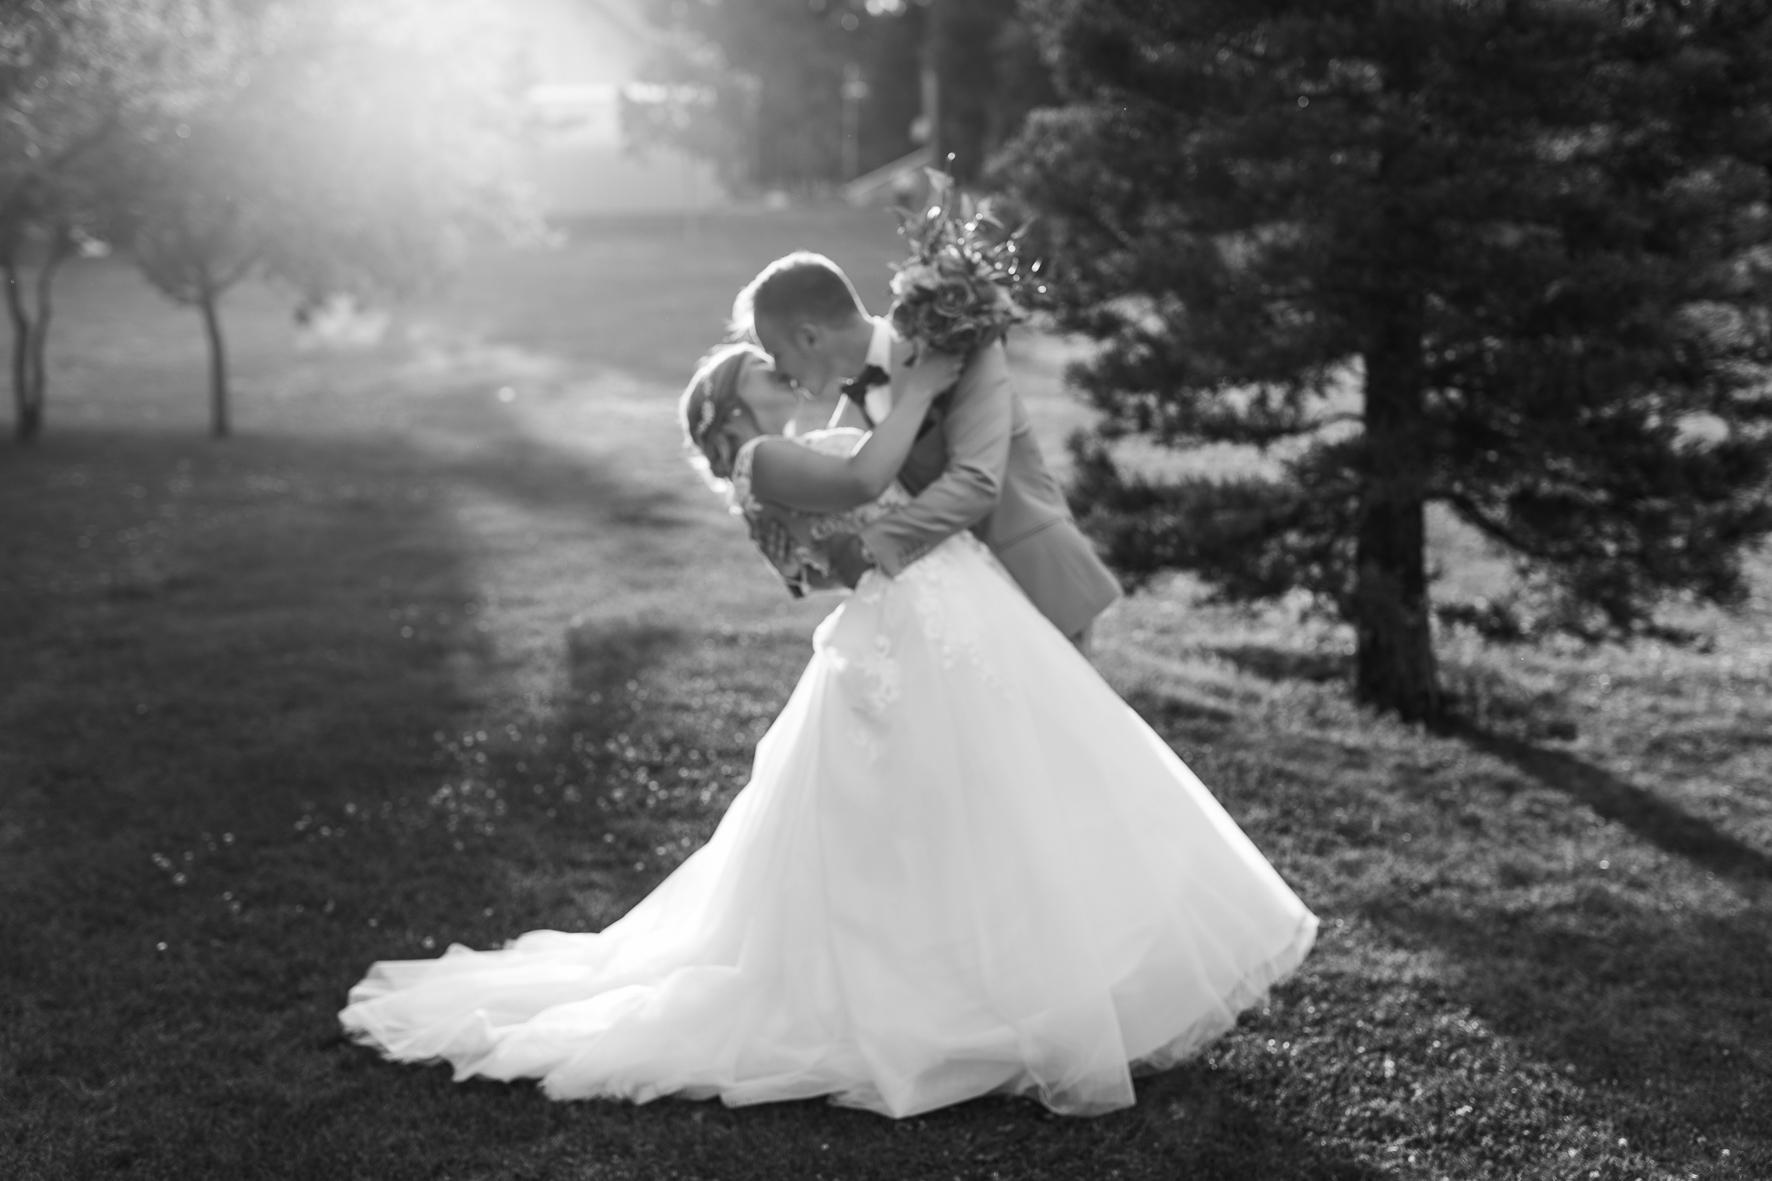 Unscharfes schwarz-weiß Bild eines sich küssenden Brautpaares